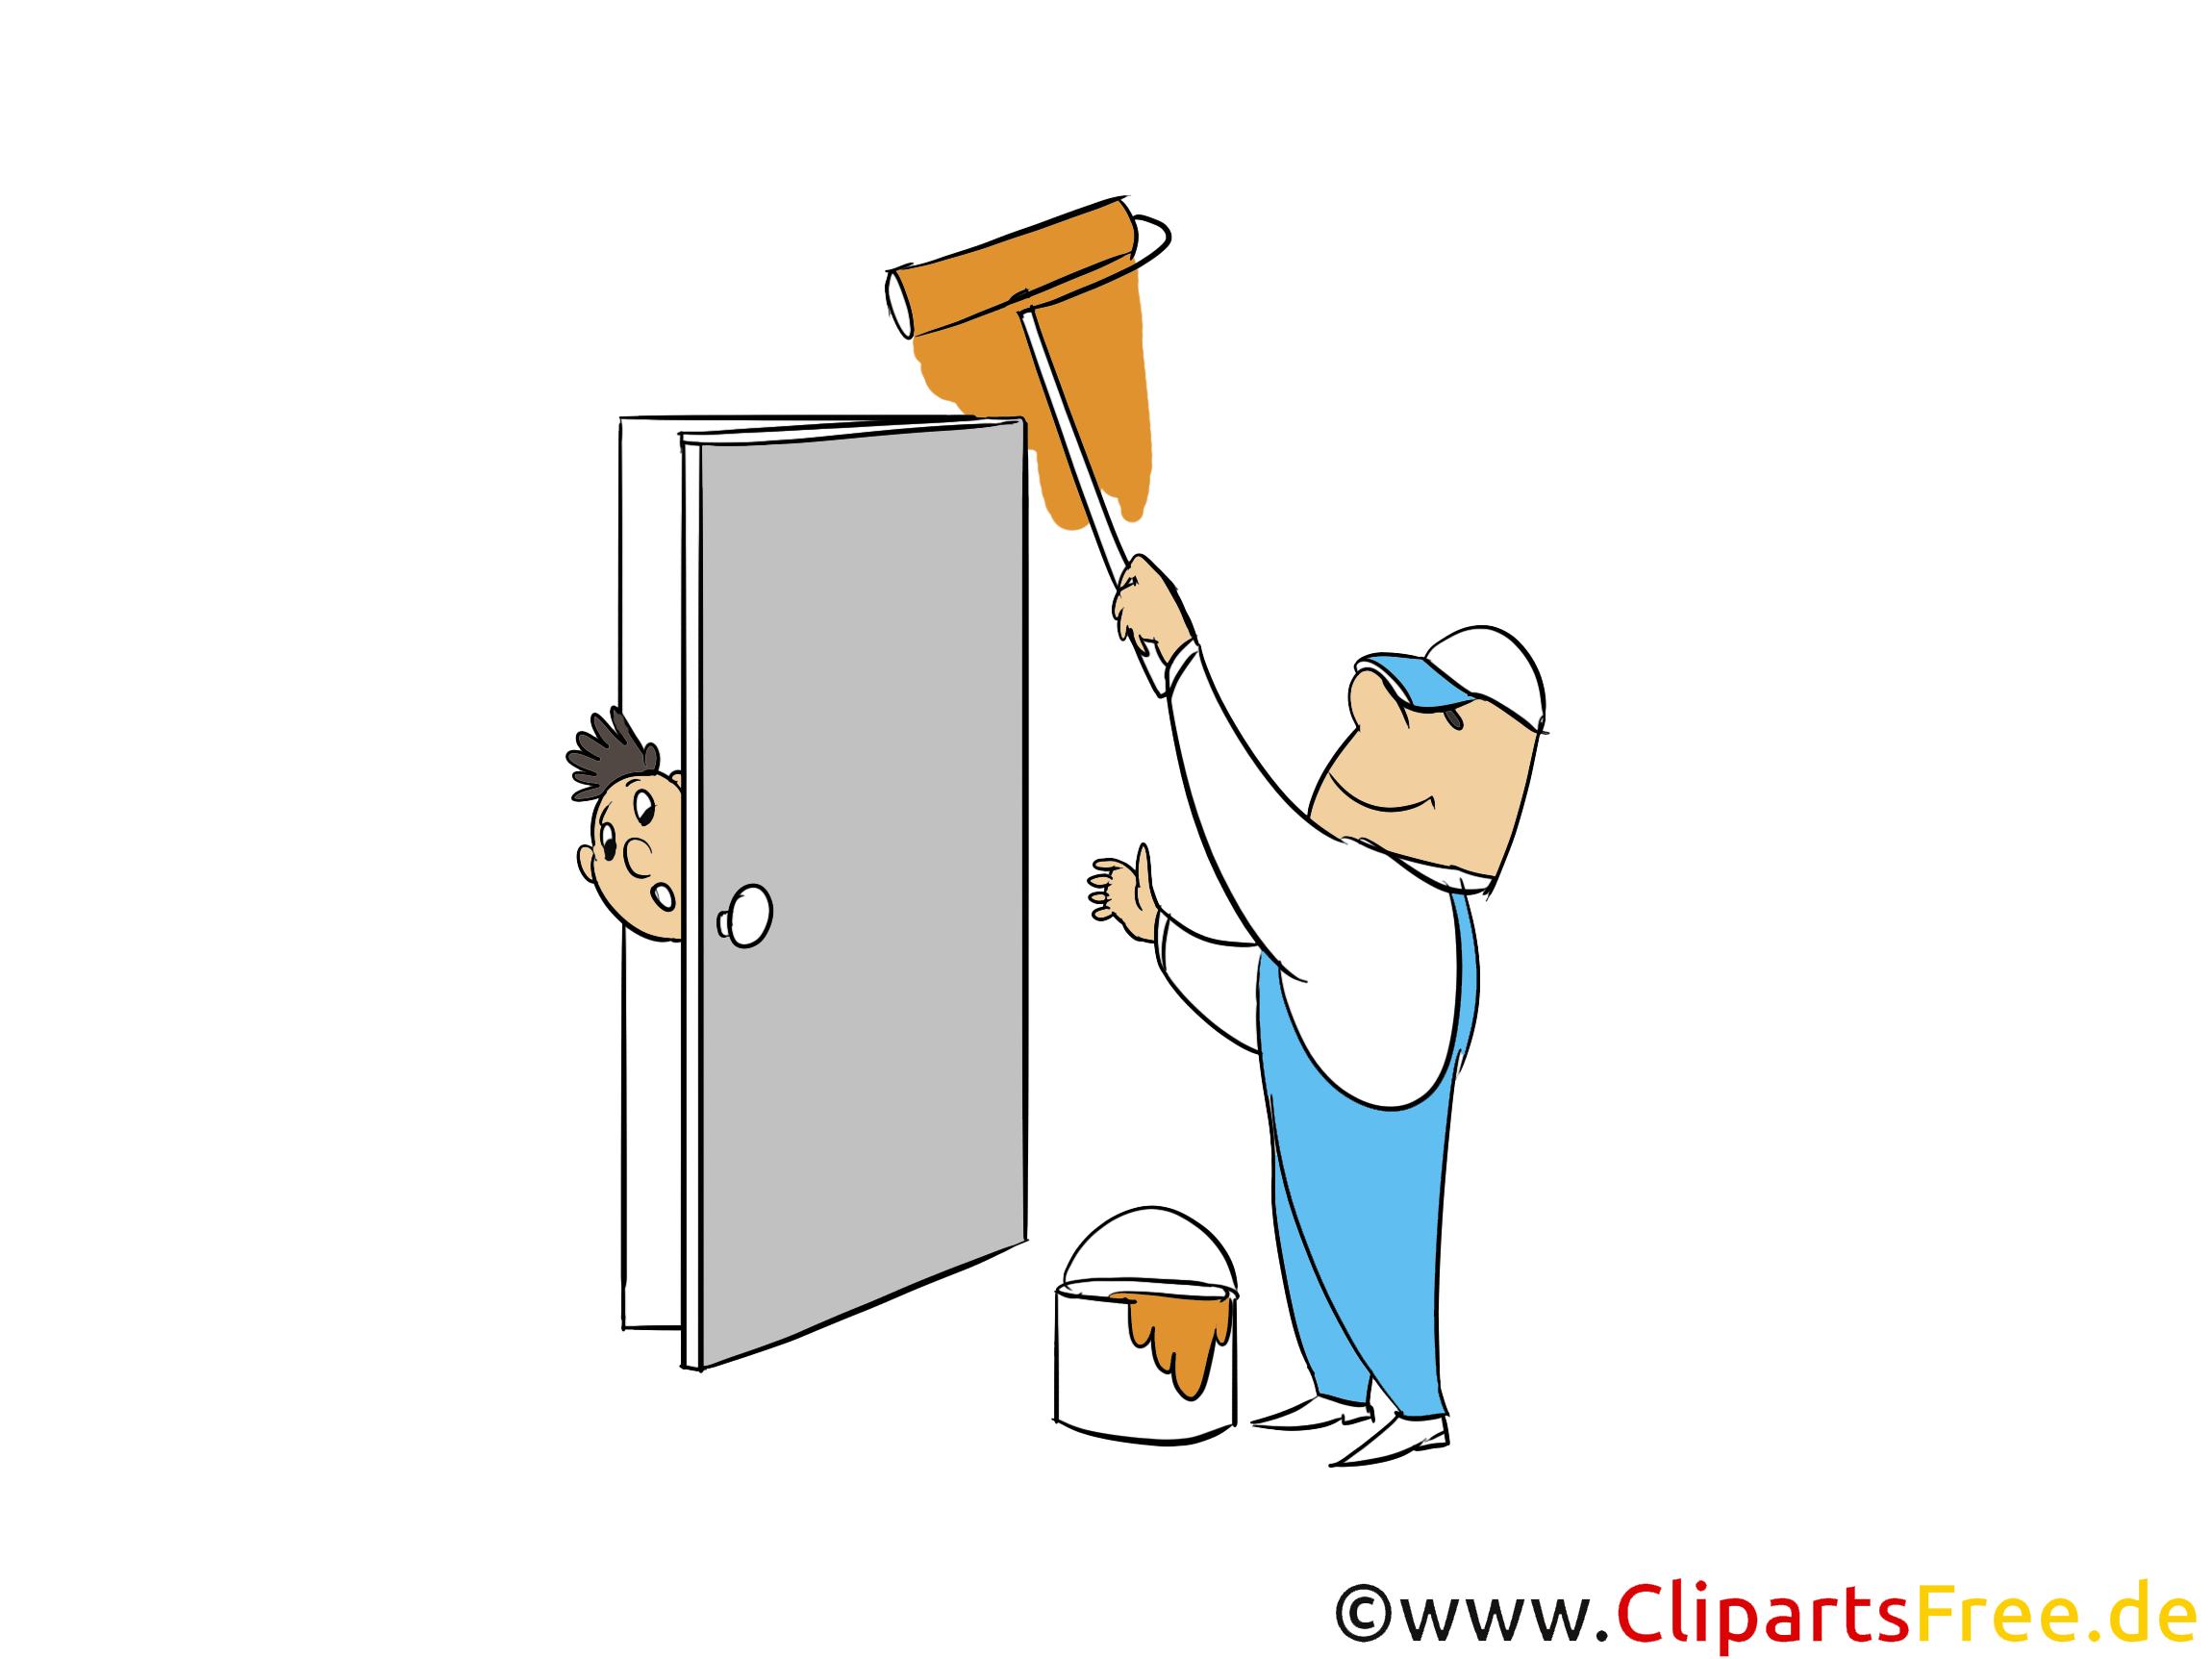 Wände streichen bei Renovierung Bild, Clipart, Illustration